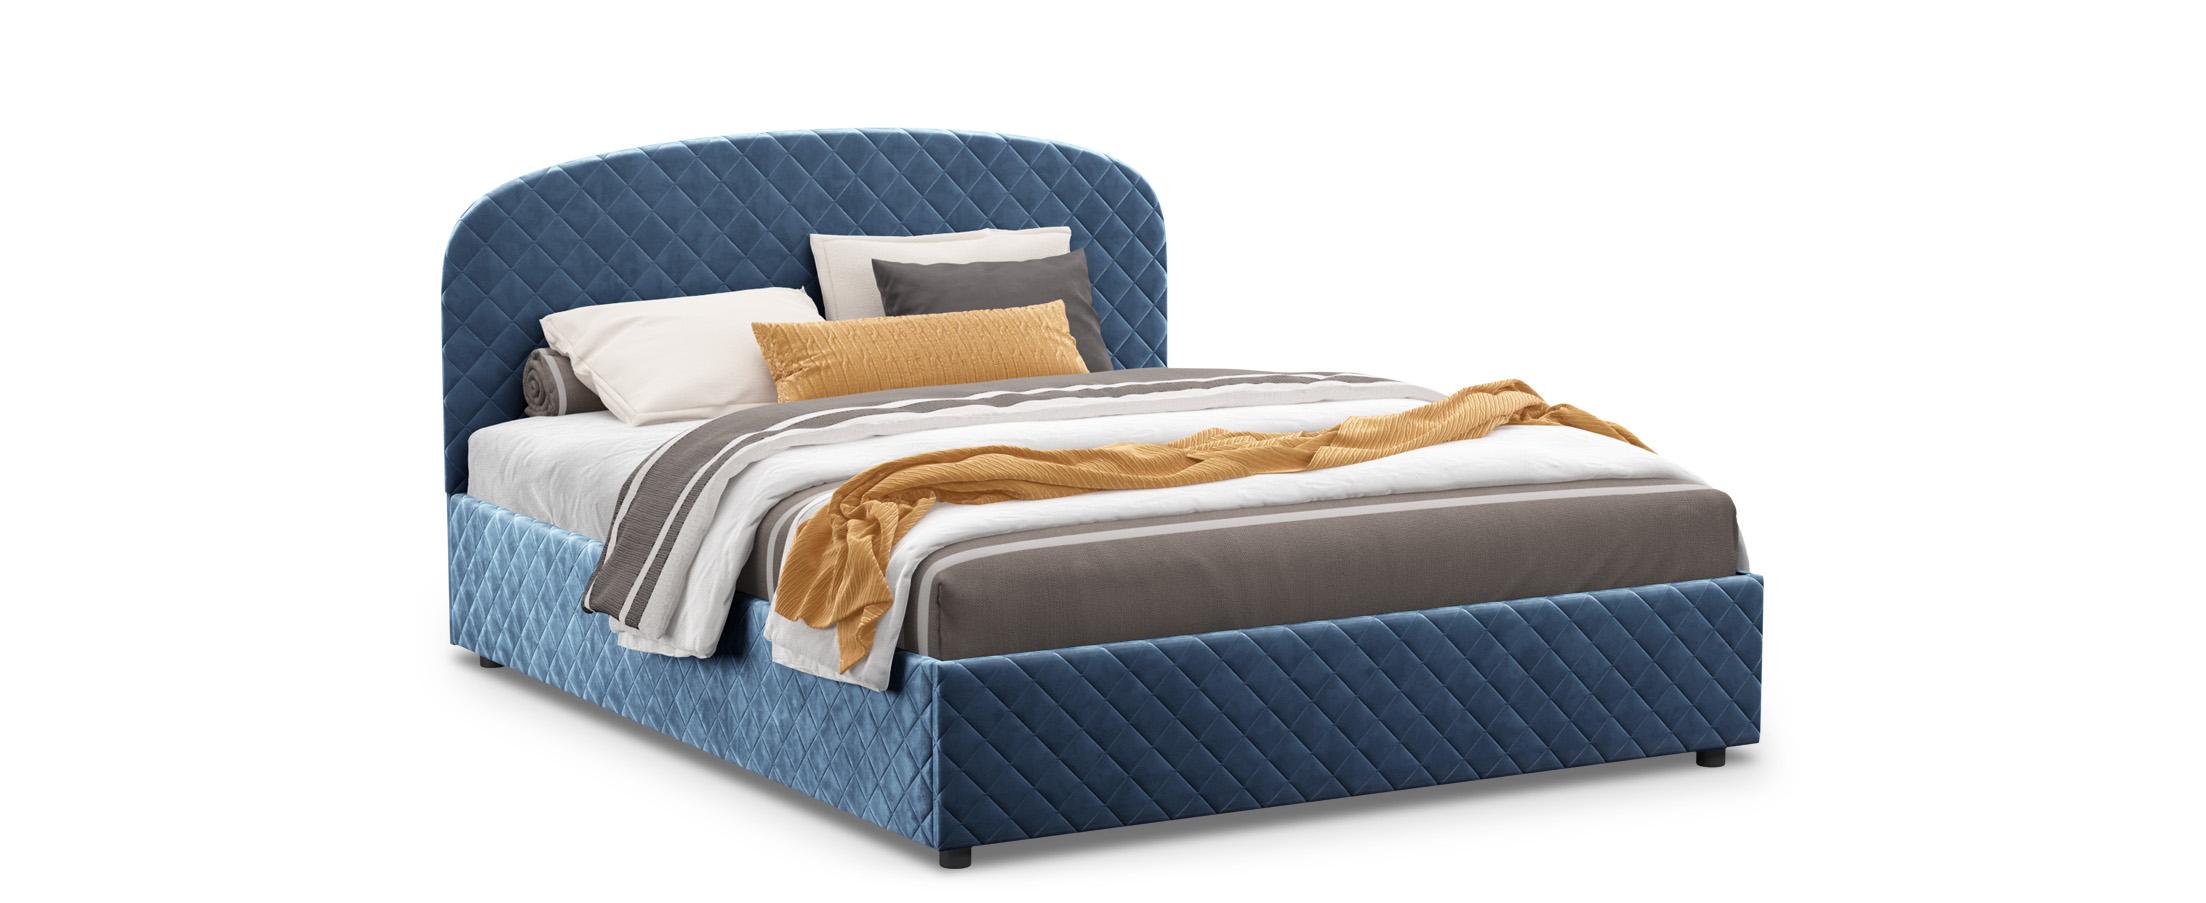 Кровать двуспальная Allegro New 160х200 Модель 1224 фото